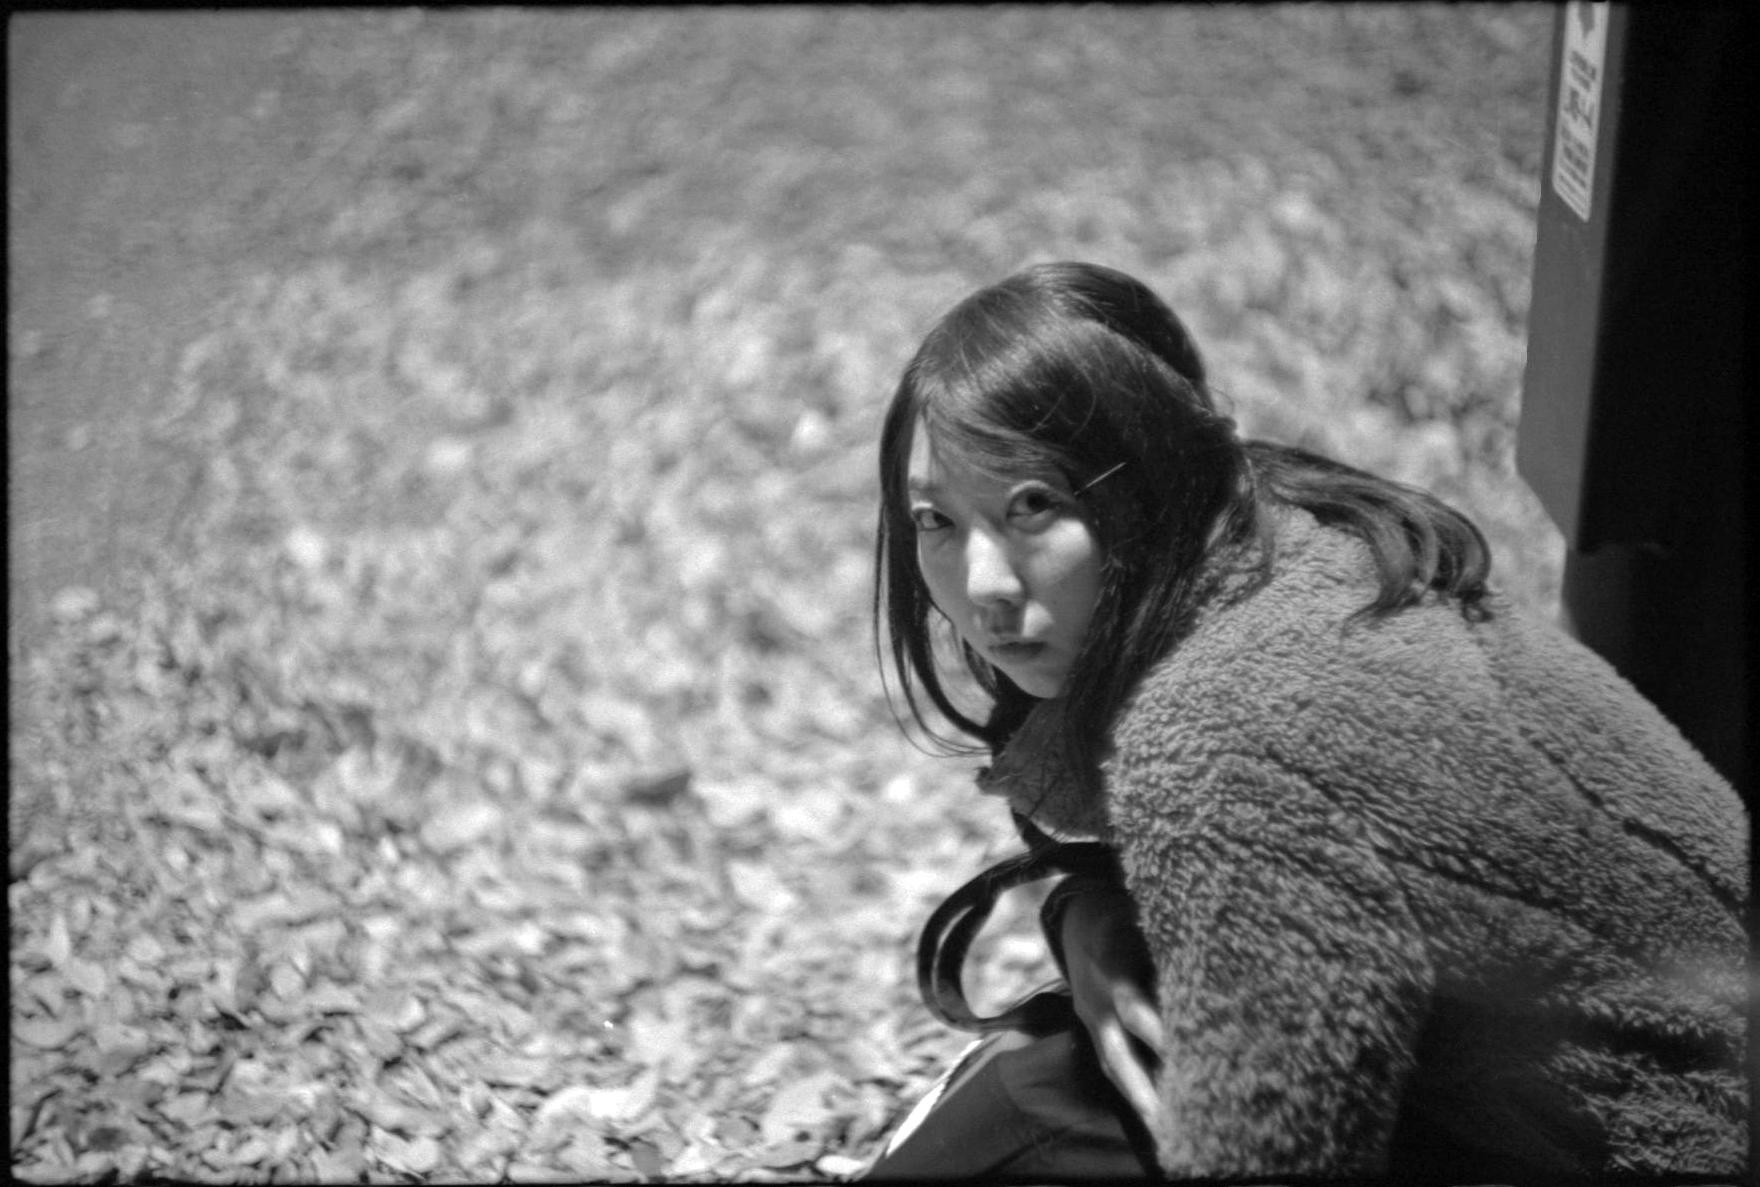 20131128 Leica3fSummarit50 TMY TMD 002